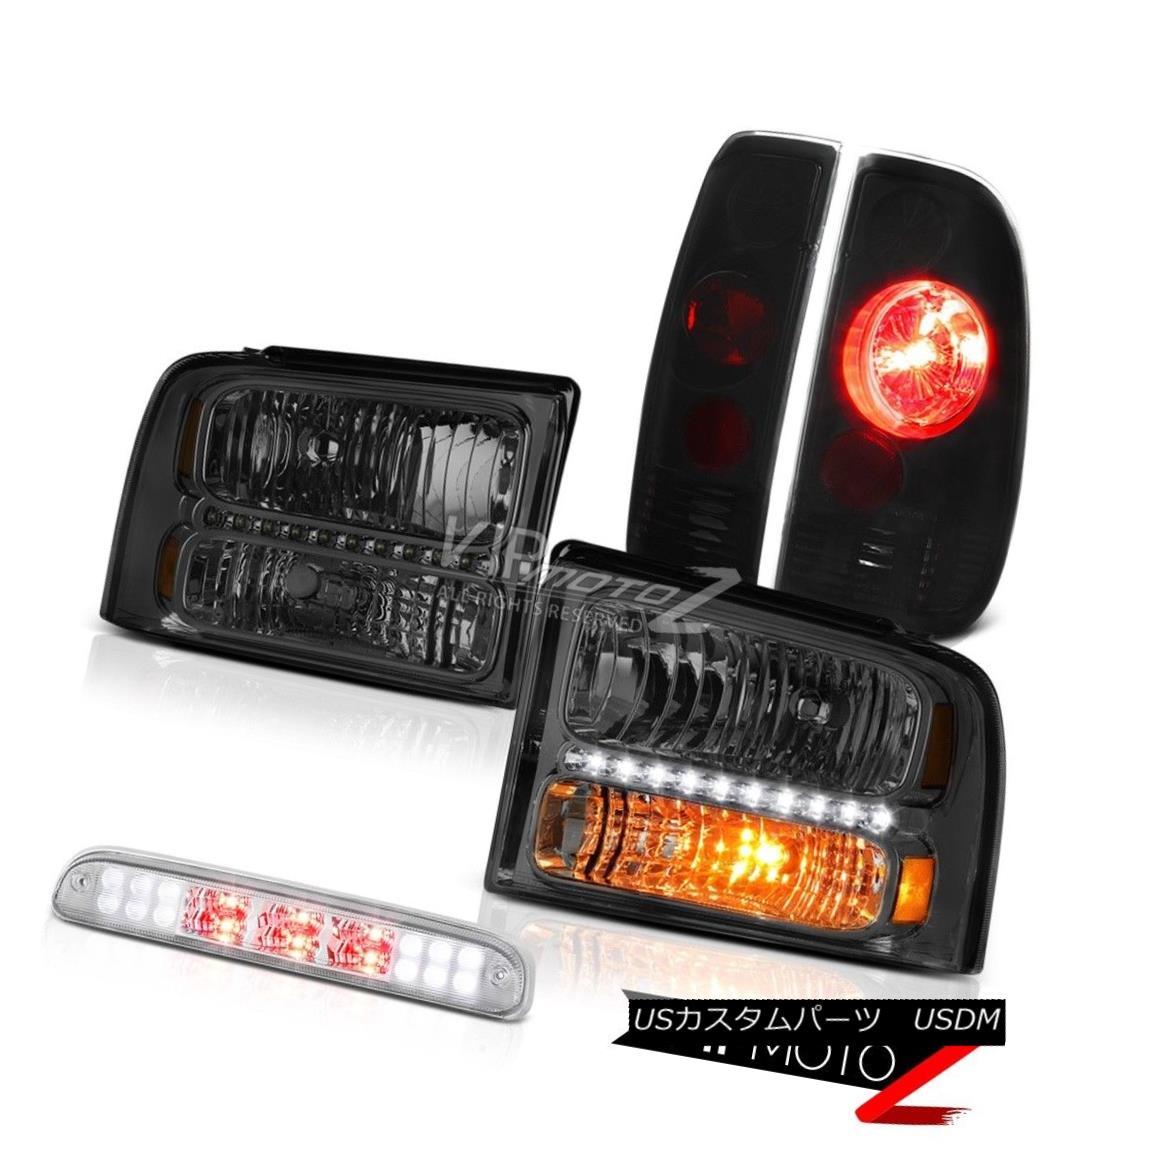 ヘッドライト Front Headlights Sinister Black Brake Lamps High Stop LED Chrome 05-07 F350 5.4L フロントヘッドライト不快なブラックブレーキランプハイストップLED Chrome 05-07 F350 5.4L